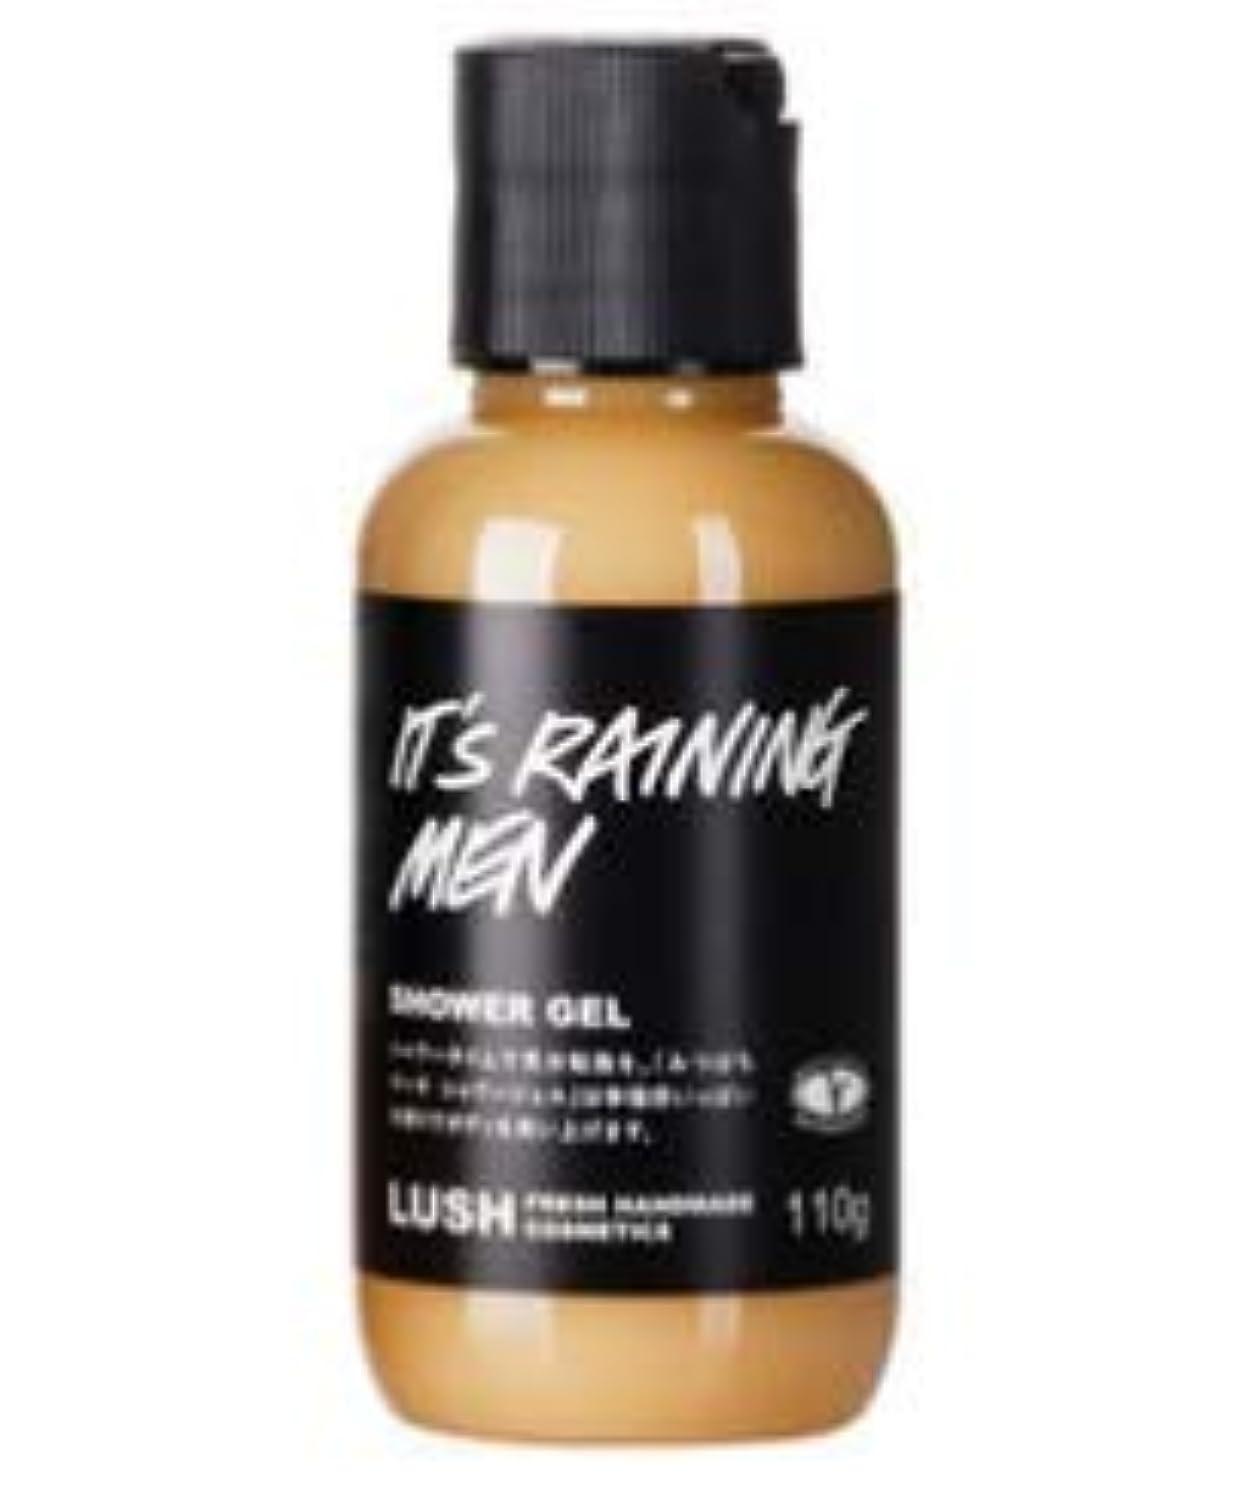 用量リーズ売るLUSH ラッシュ みつばちマーチ シャワージェル It's Raining Men 甘い香り 浴用化粧品 ボディソープ 自然派化粧品 天然成分 ベルガモット ハチミツ (110g)